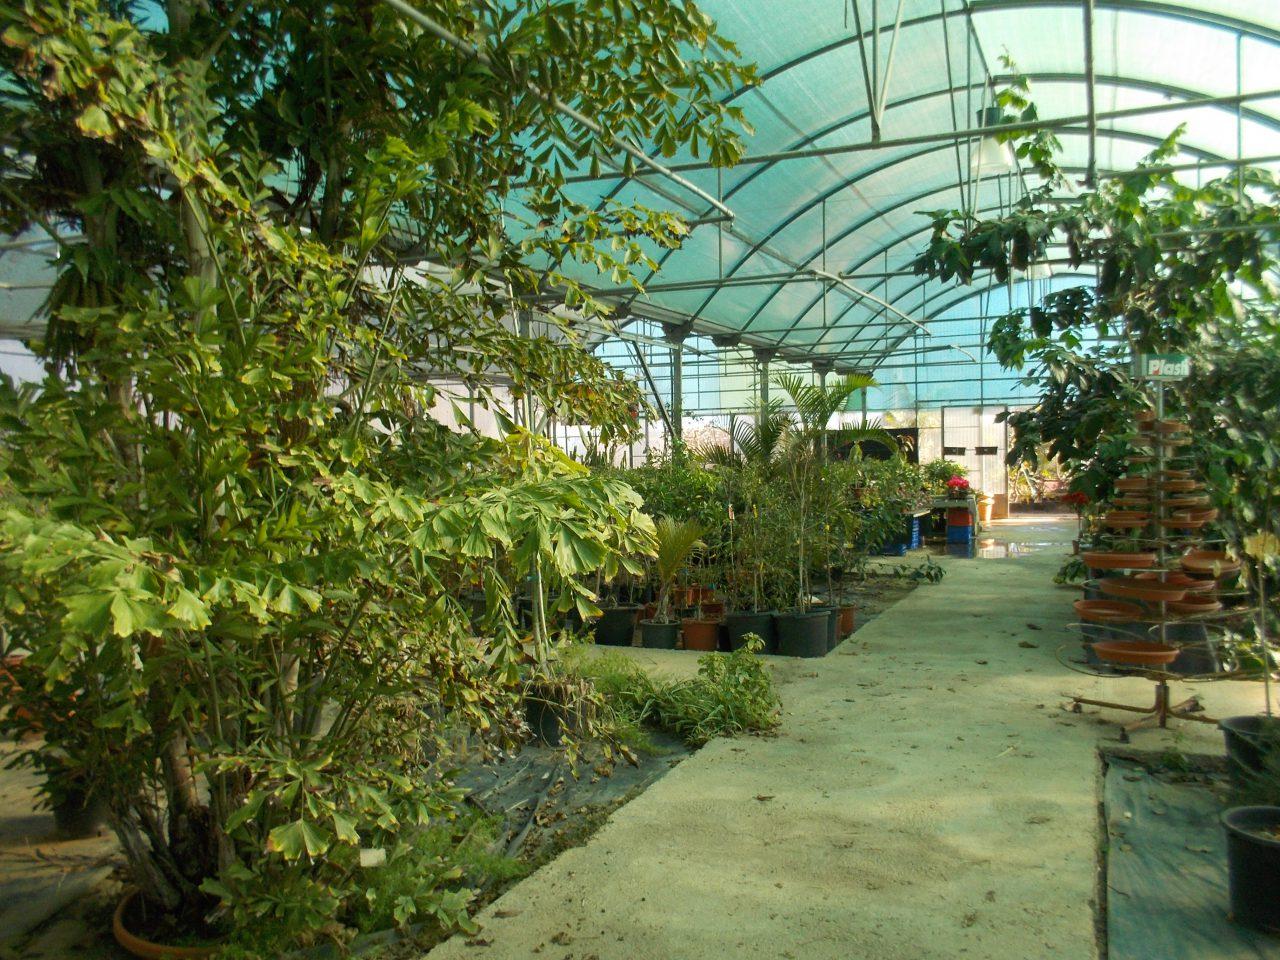 El asombroso jard n bot nico de cullera un peque o - Jardin botanico valencia ...